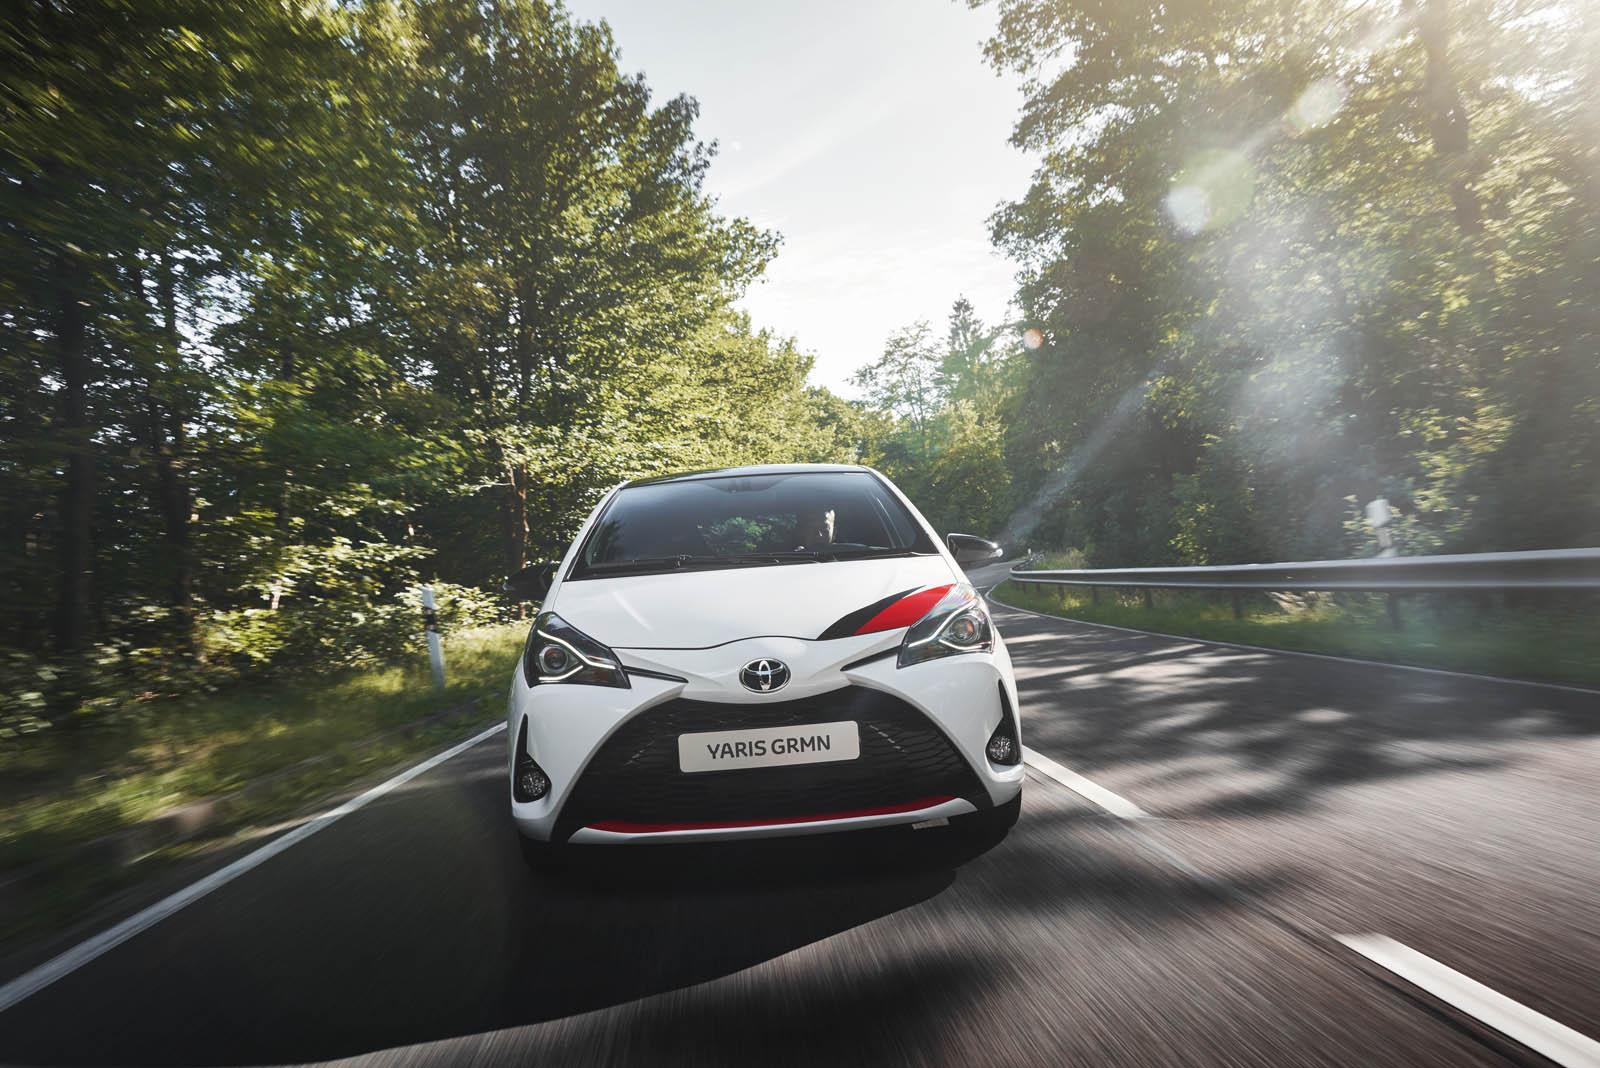 Toyota Yaris GRMN (17)